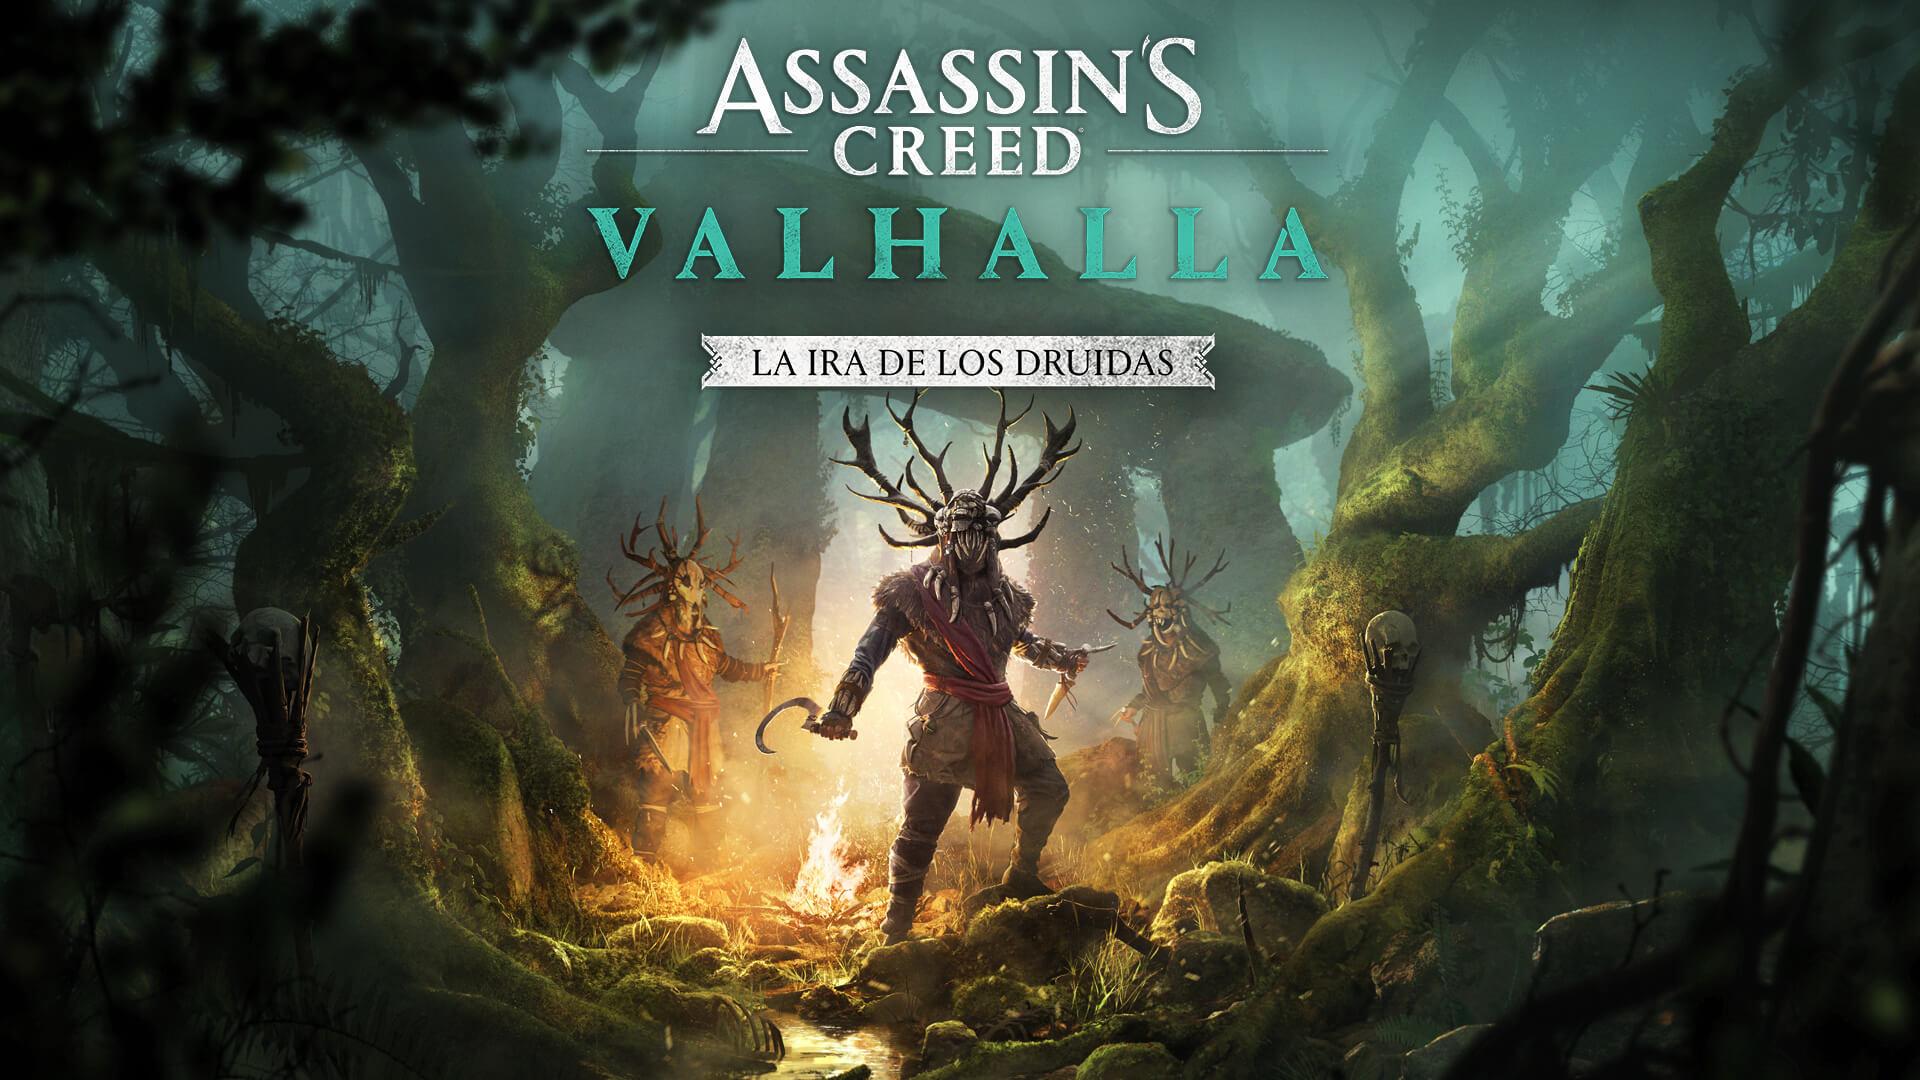 Assassin's Creed Valhalla recibirá mañana su DLC: La Ira de los Druidas